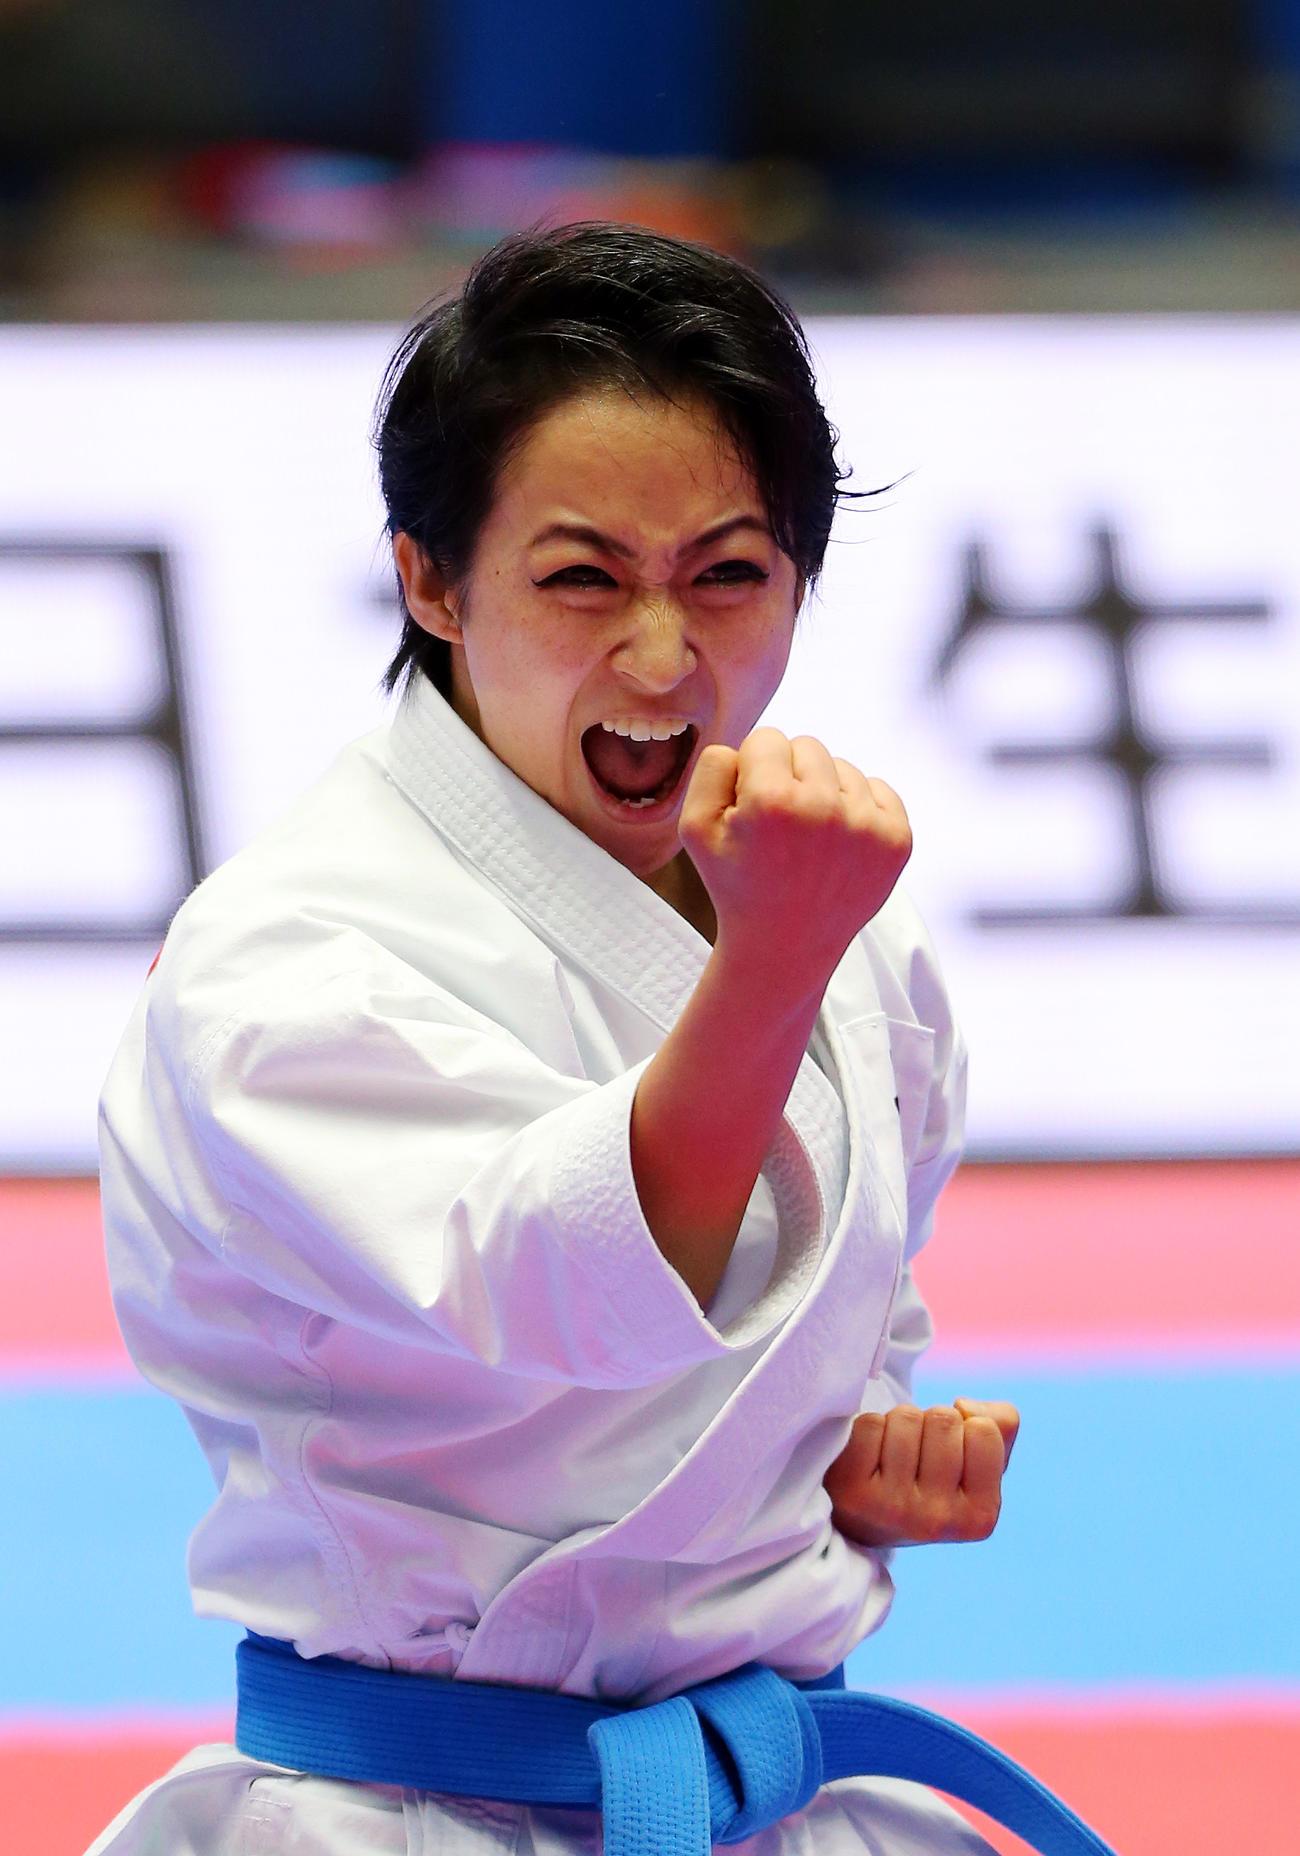 空手全日本選手権個人戦女子形 チャタンヤラクーサンクーを披露する清水希容(2019年12月8日撮影)